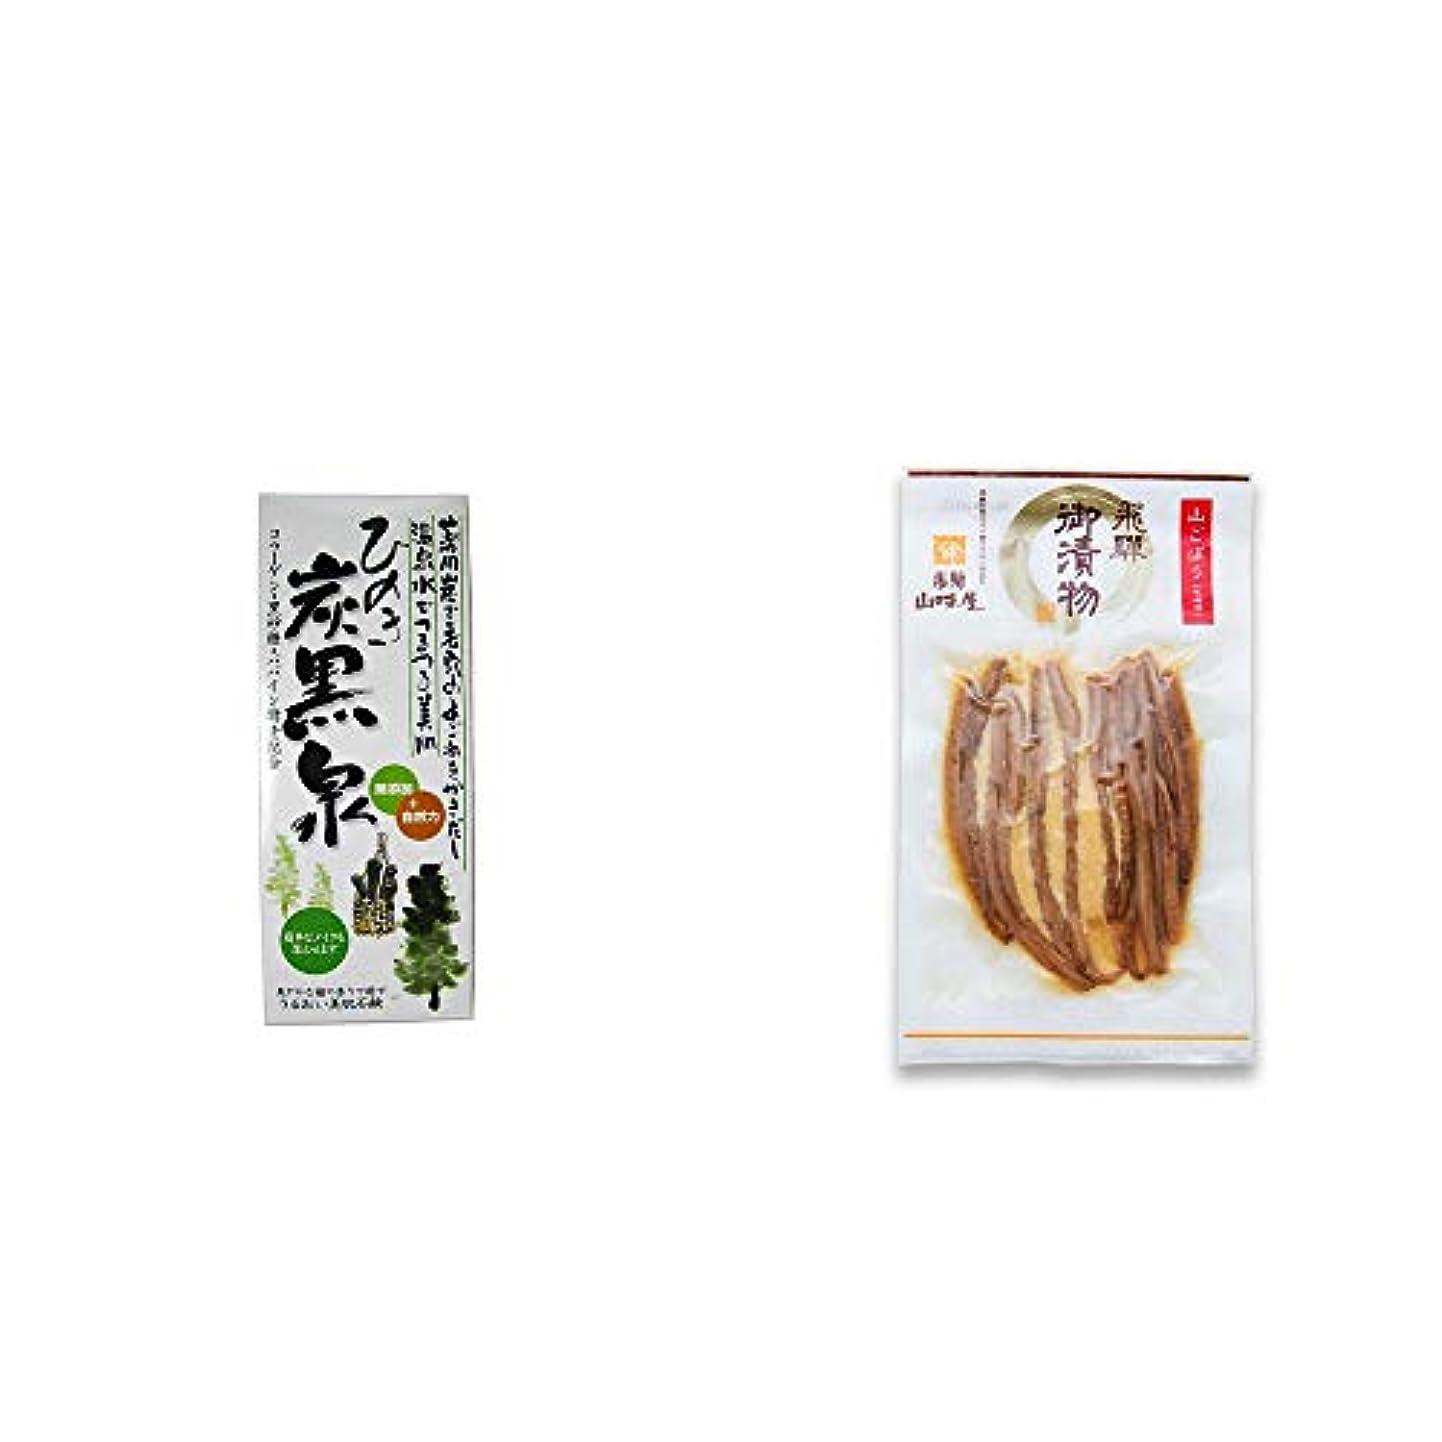 [2点セット] ひのき炭黒泉 箱入り(75g×3)?飛騨山味屋 山ごぼう味噌漬(80g)